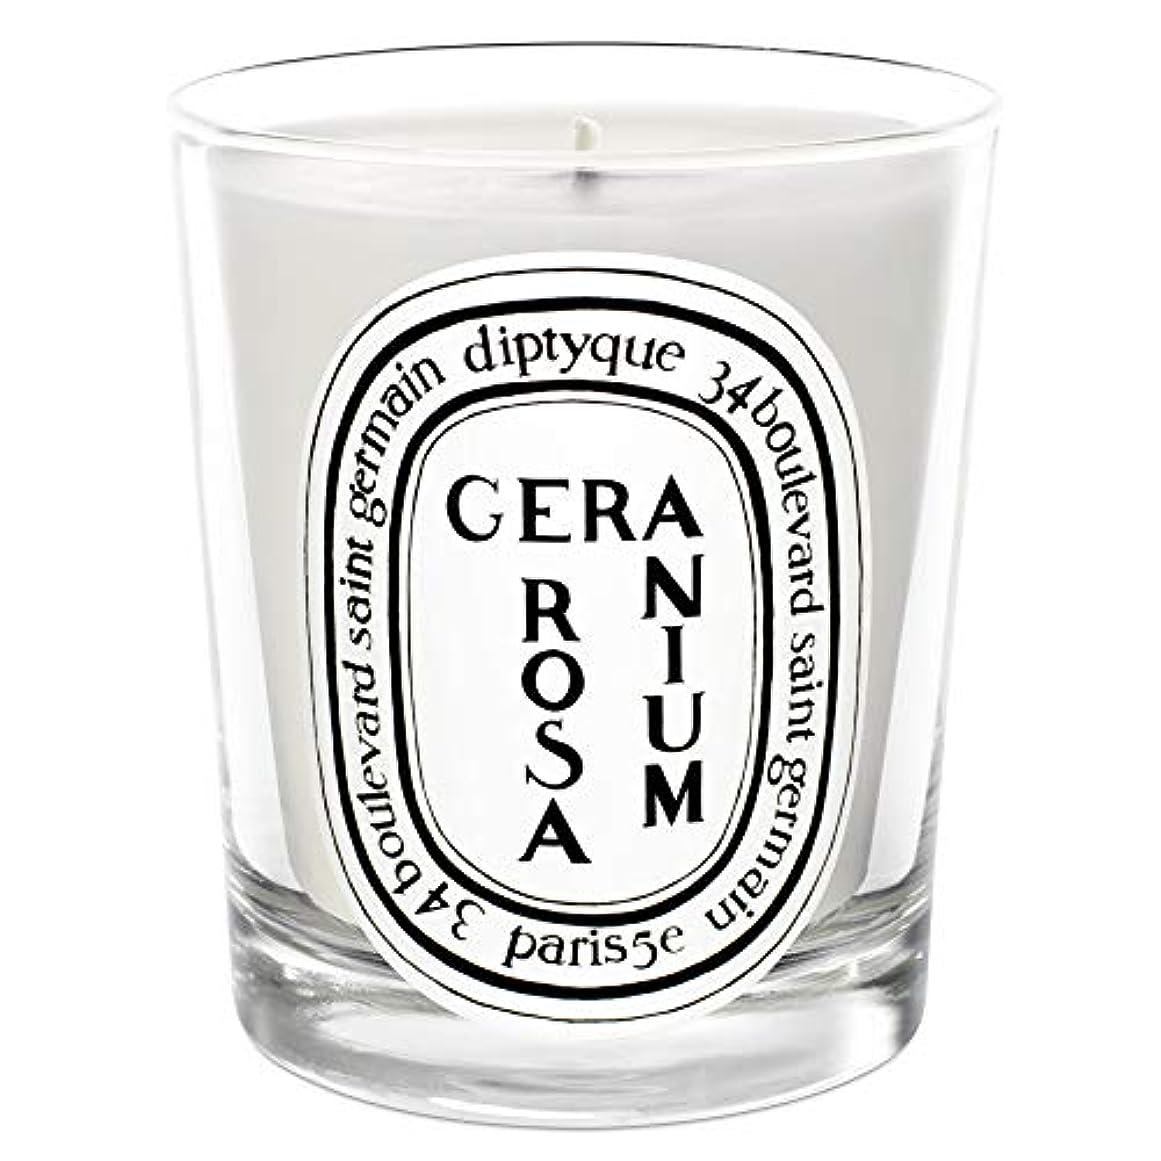 対処する困ったファンド[Diptyque] Diptyqueゼラニウムローザ香りのキャンドル190グラム - Diptyque Geranium Rosa Scented Candle 190g [並行輸入品]